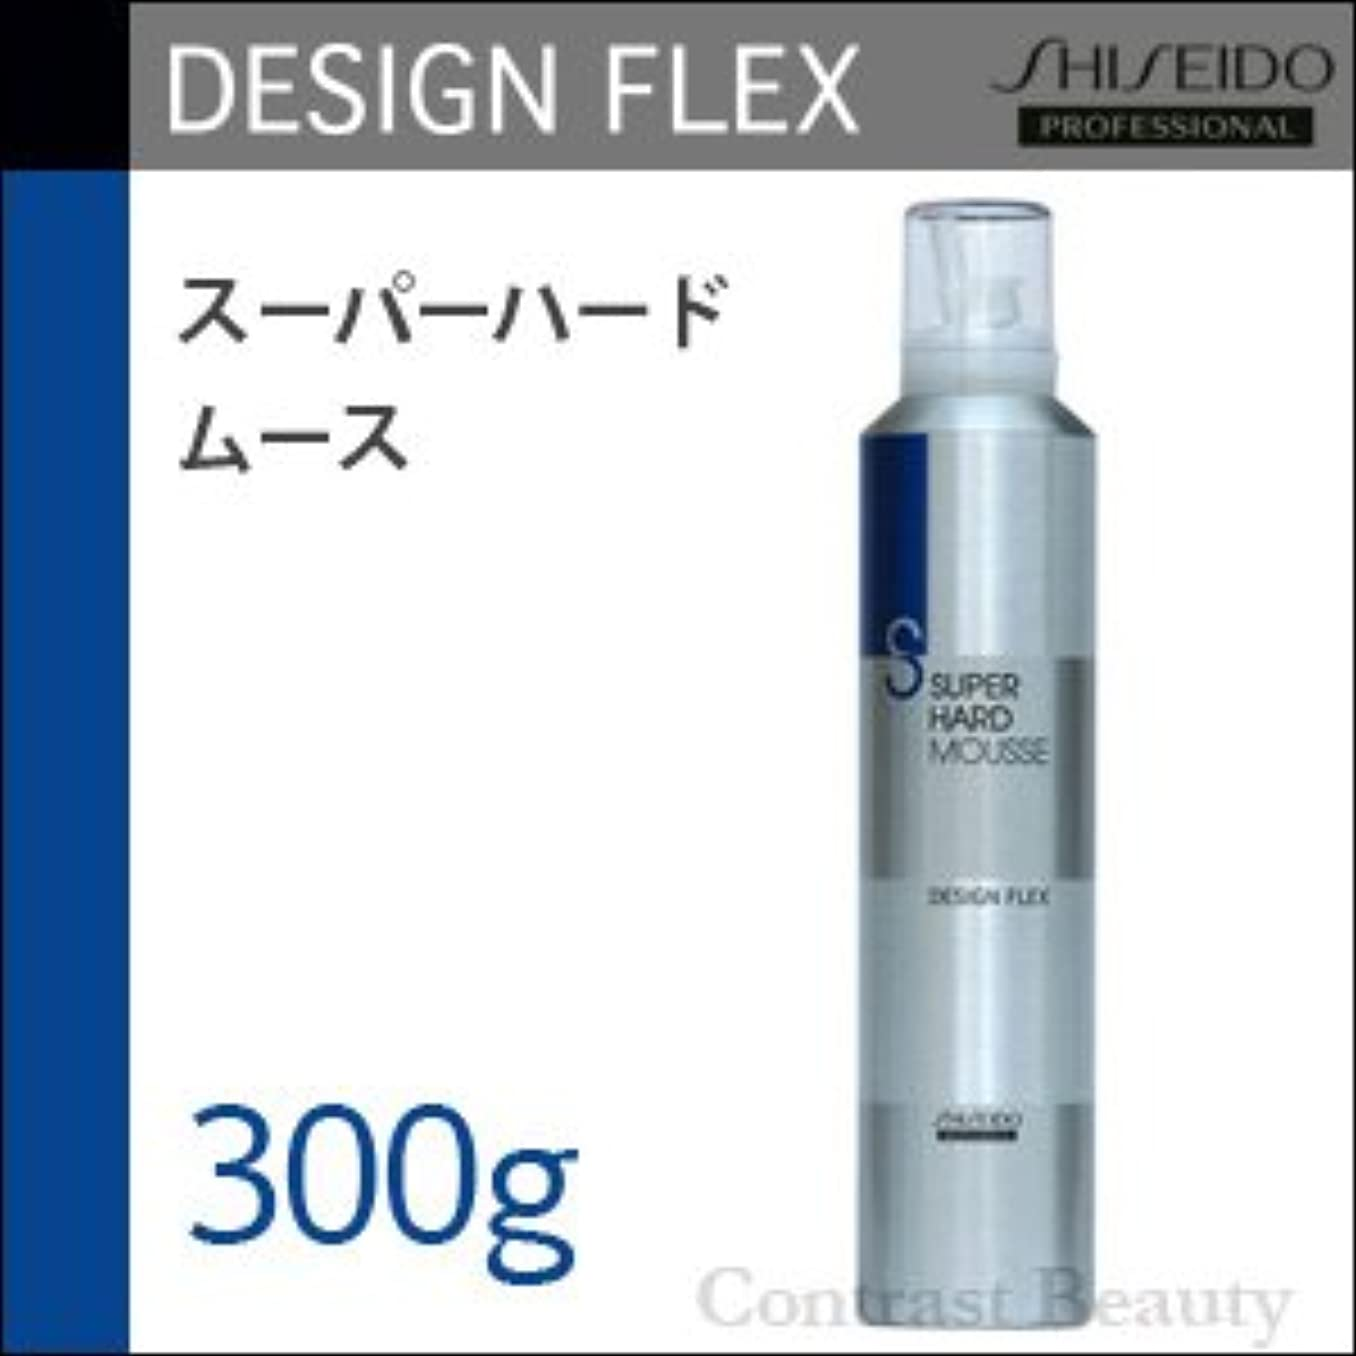 勝者ポテトハンディキャップ【x2個セット】 資生堂 デザインフレックス スーパーハードムース 300g